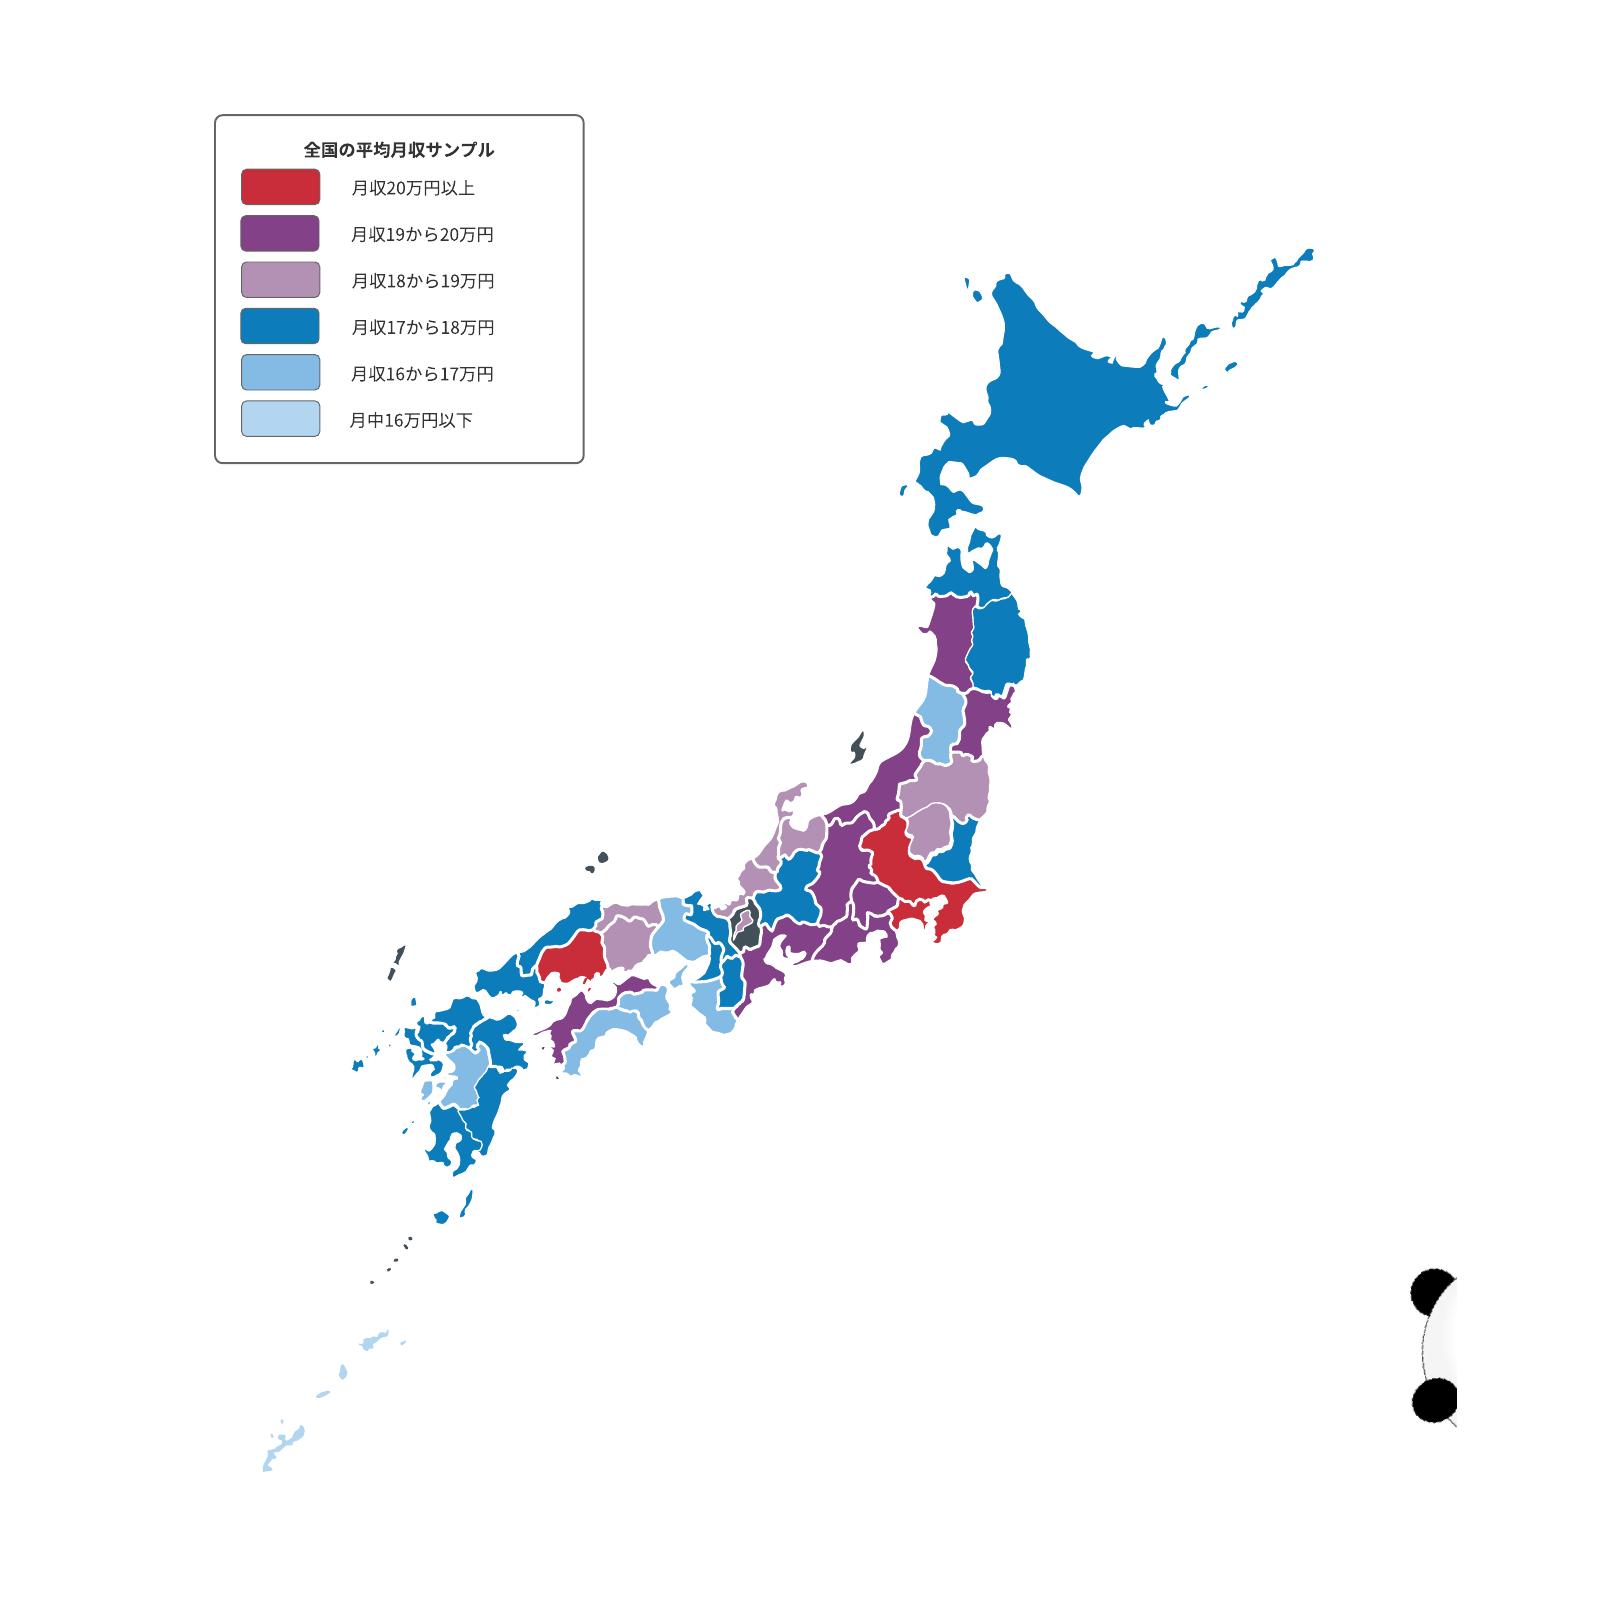 日本平均年収ランキングマップ